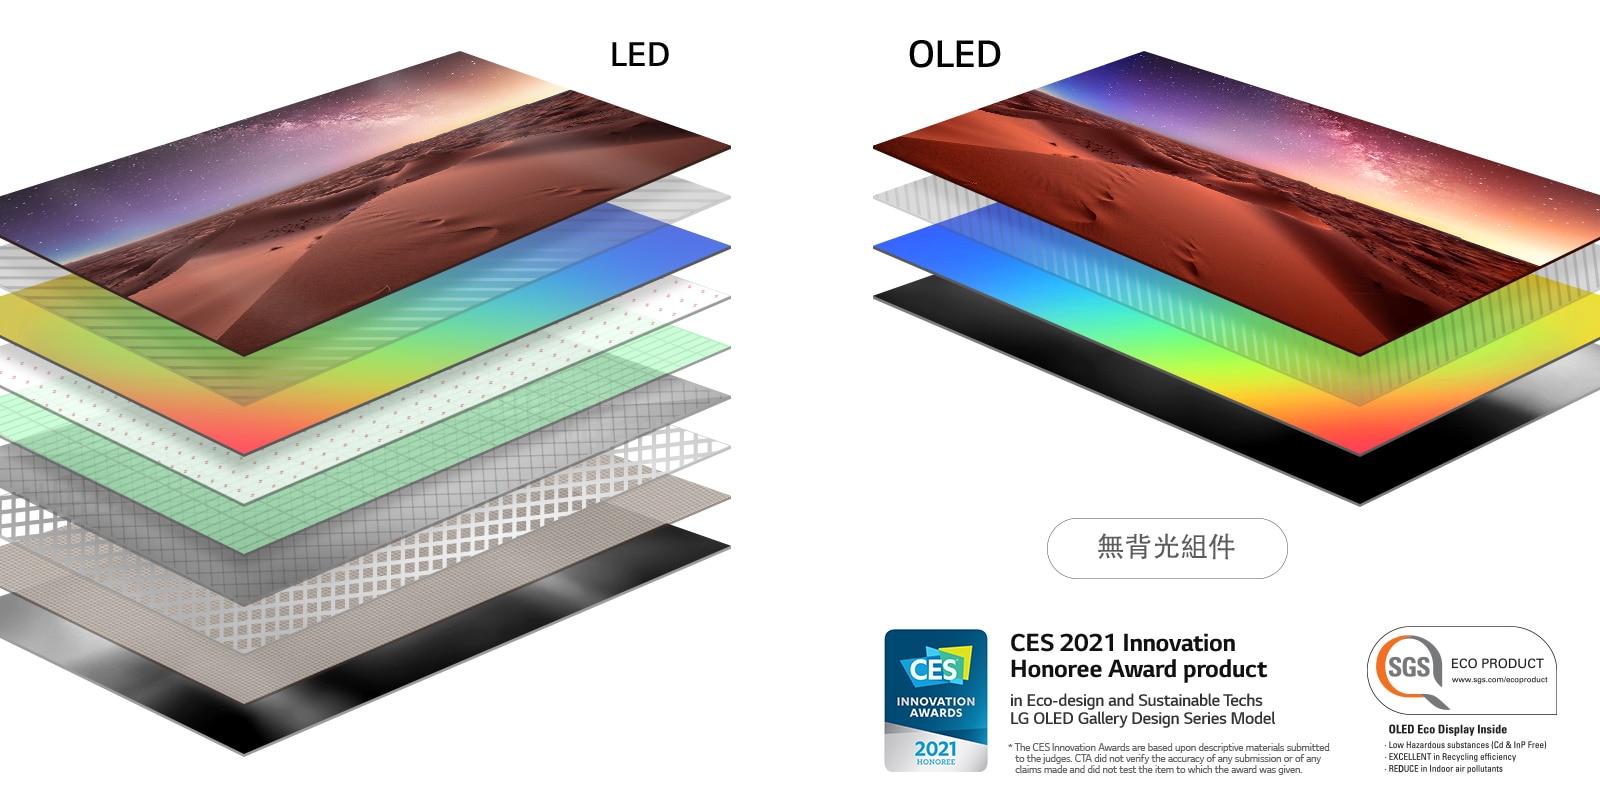 背光 LED 電視與自發光 OLED 電視顯示板面組成的比較(播放影片)